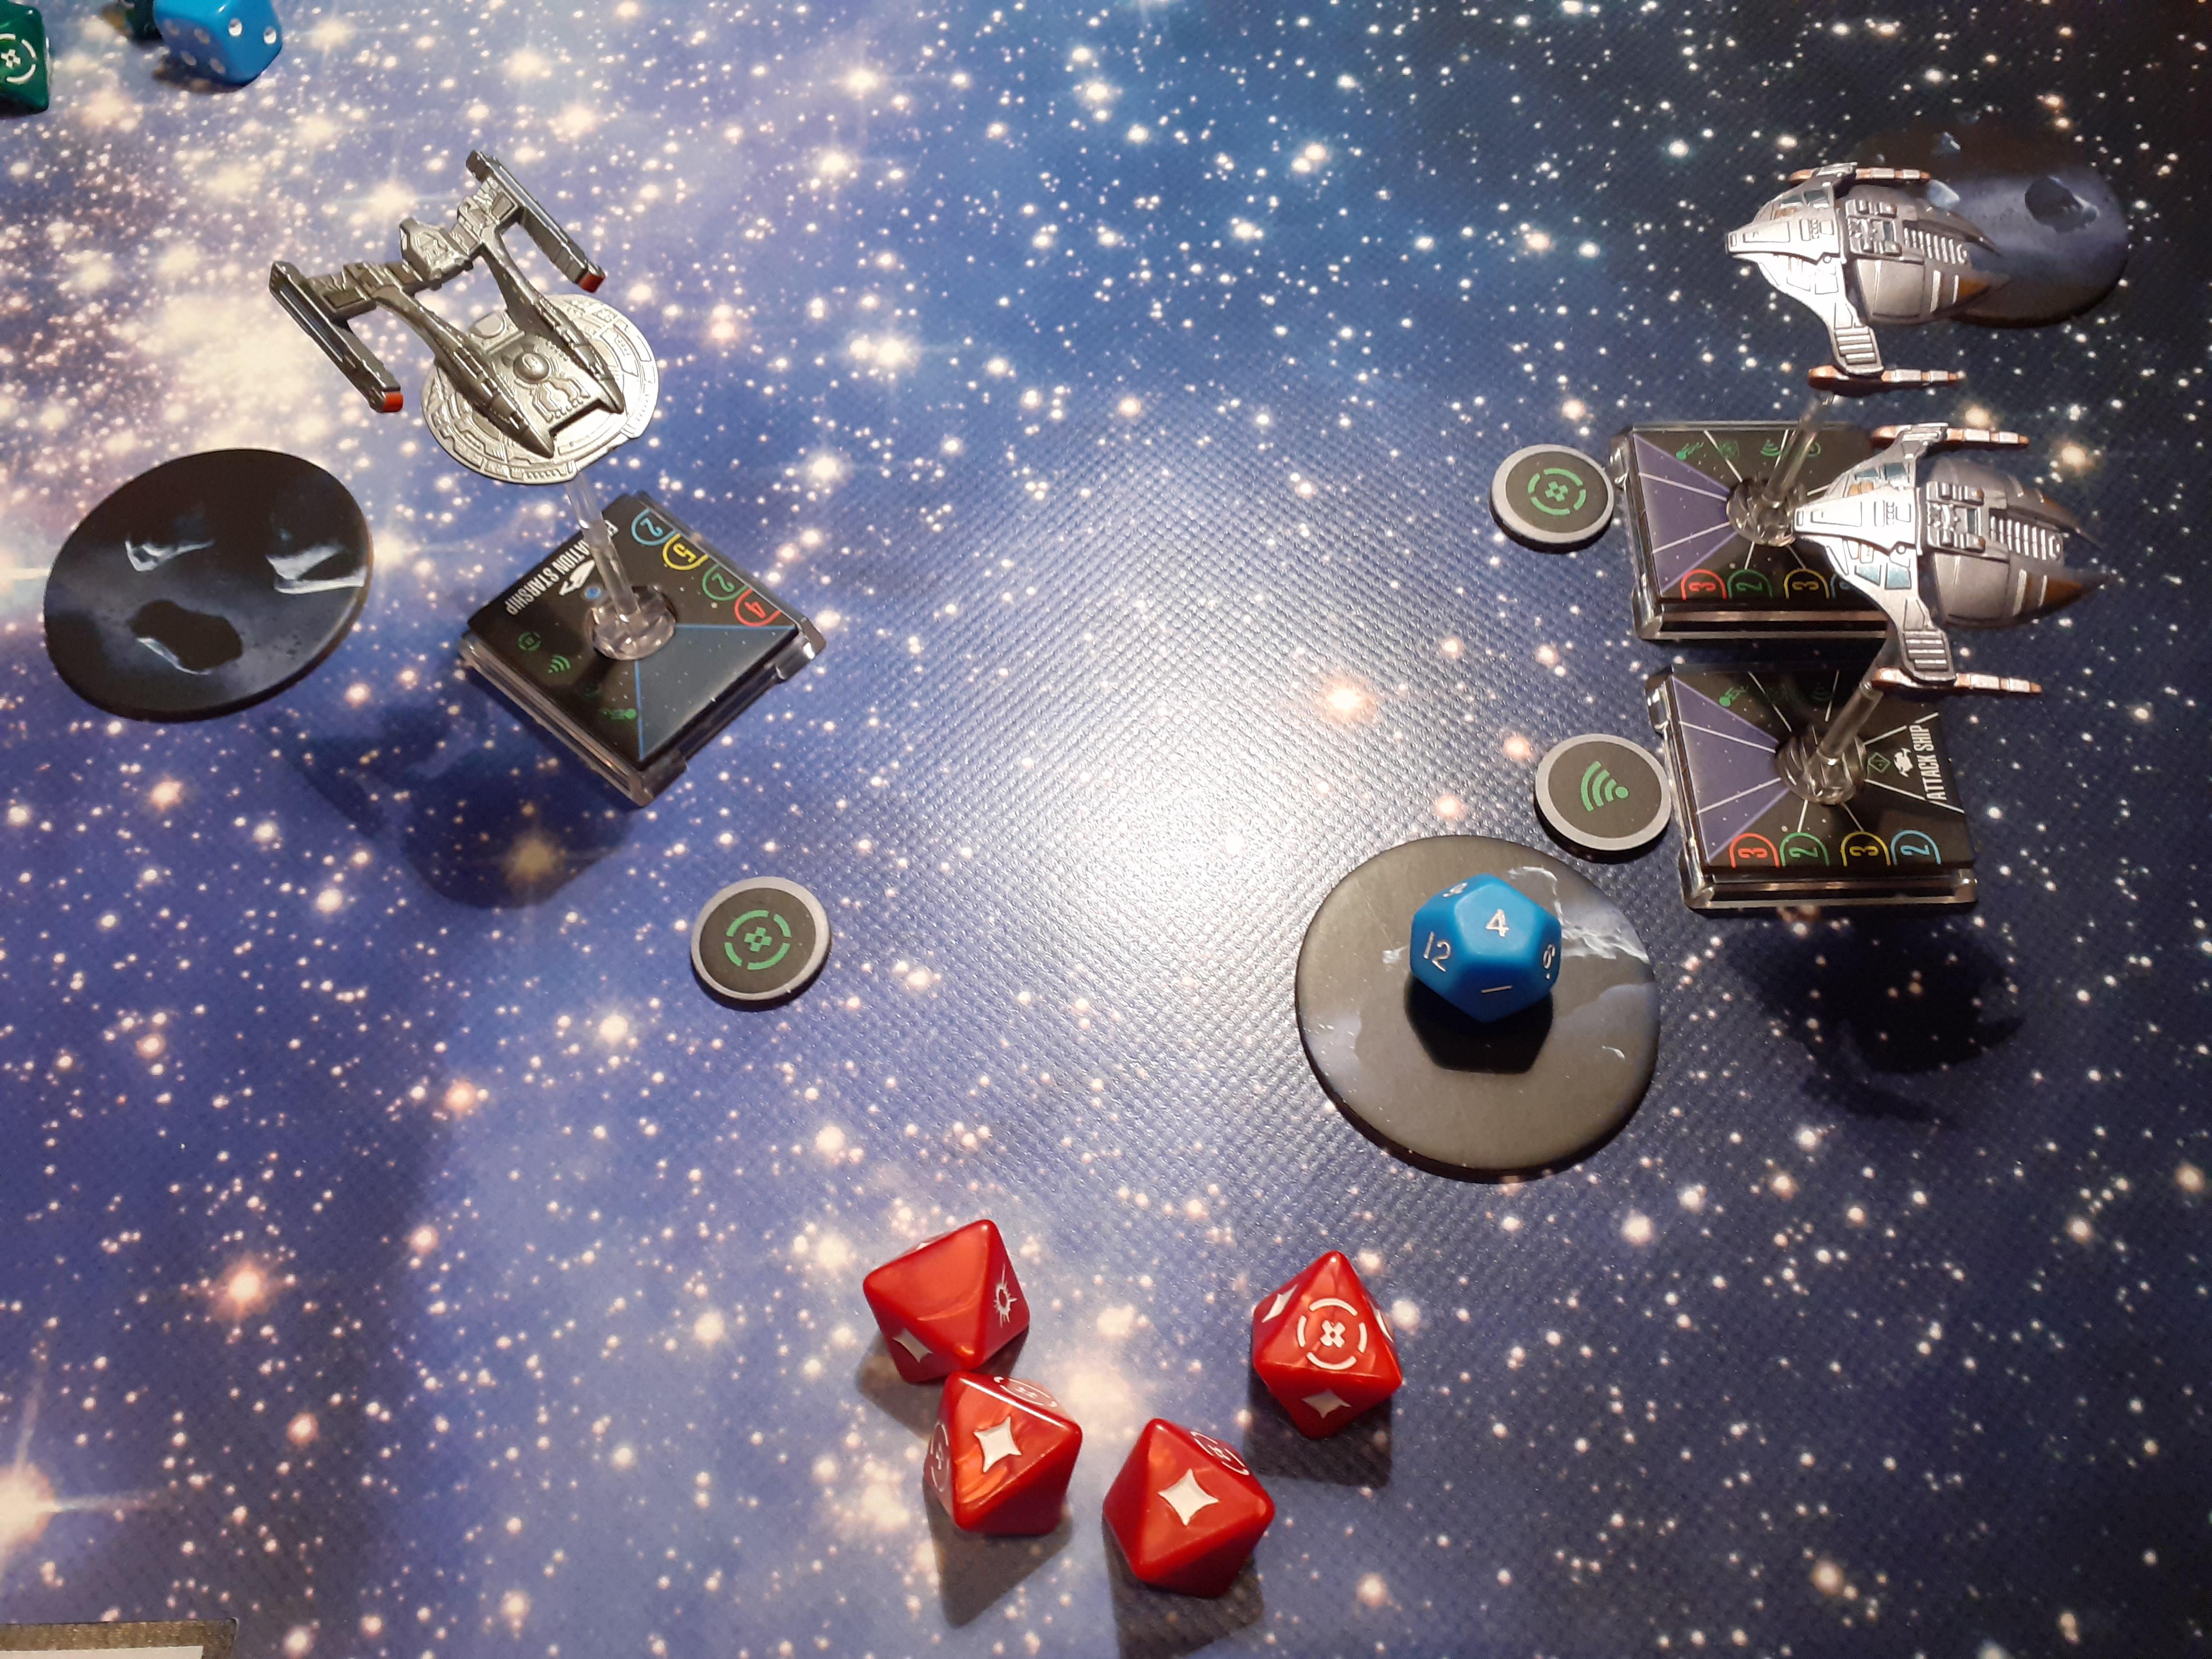 [Star Trek Alliance - Dominion War Campaign I] Computerlogbuch der Solo-Kampagne von Commander Cut  20210222_013510